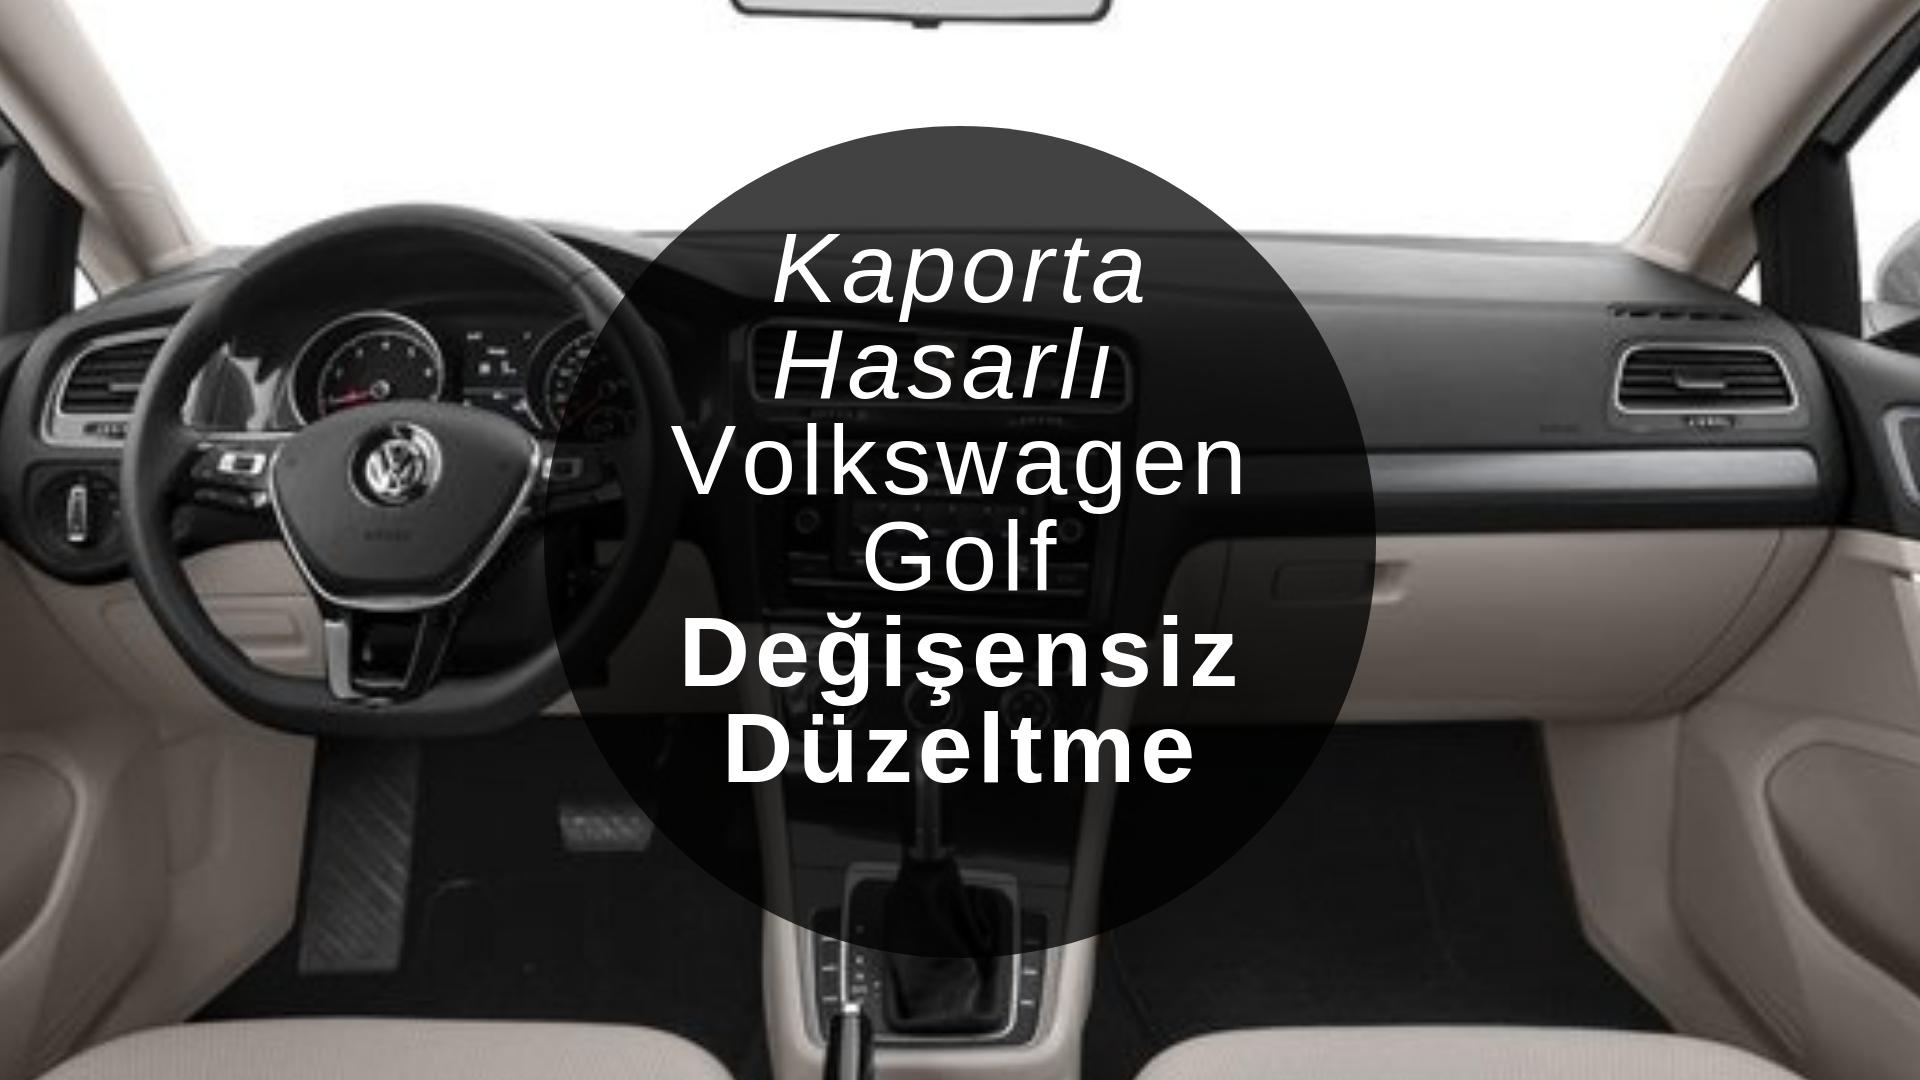 Kaporta hasarlı Volkswagen Golf değer kayıpsız düzeltme